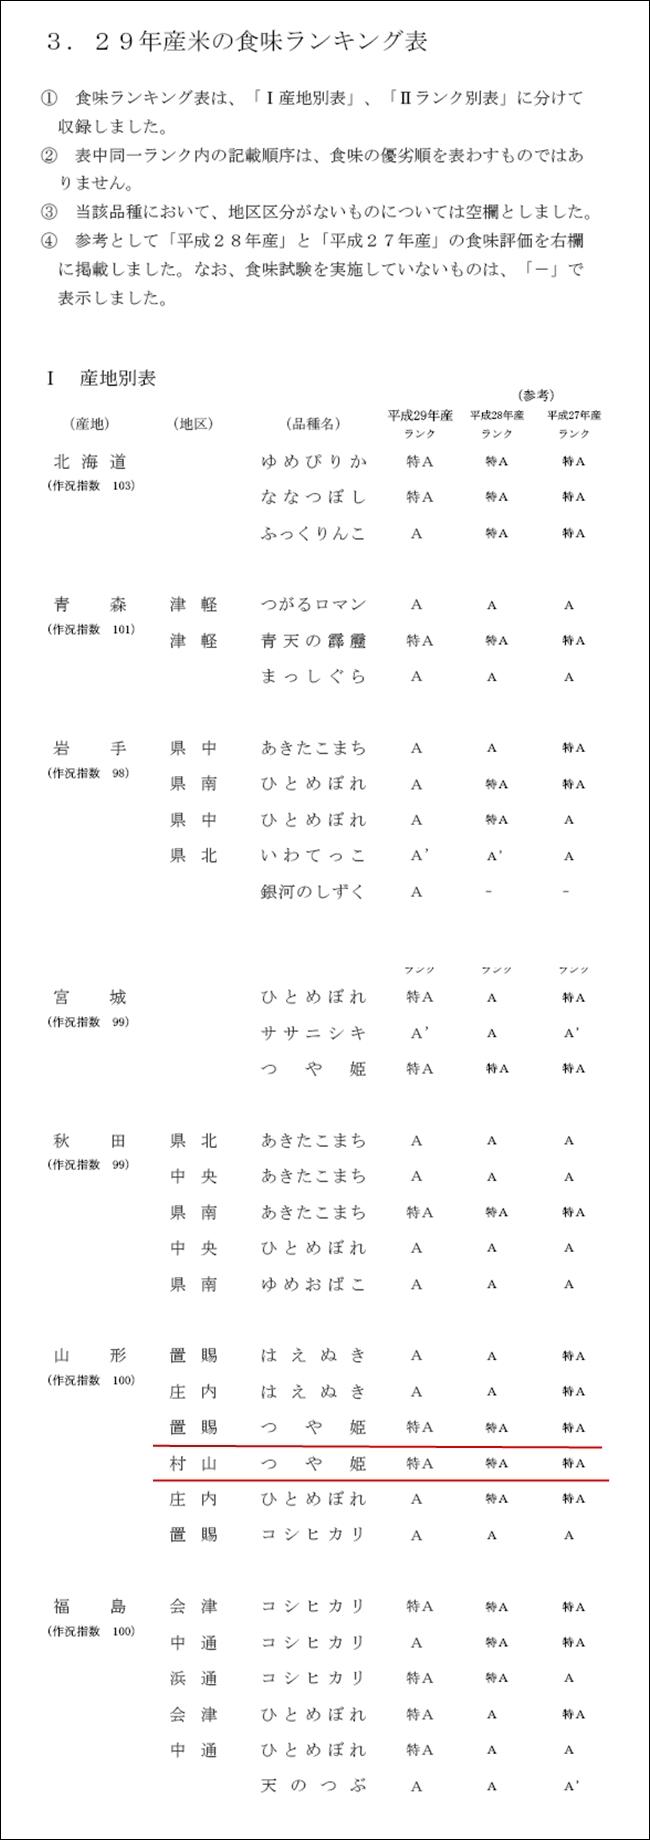 平成29年産 米の食味ランキング表